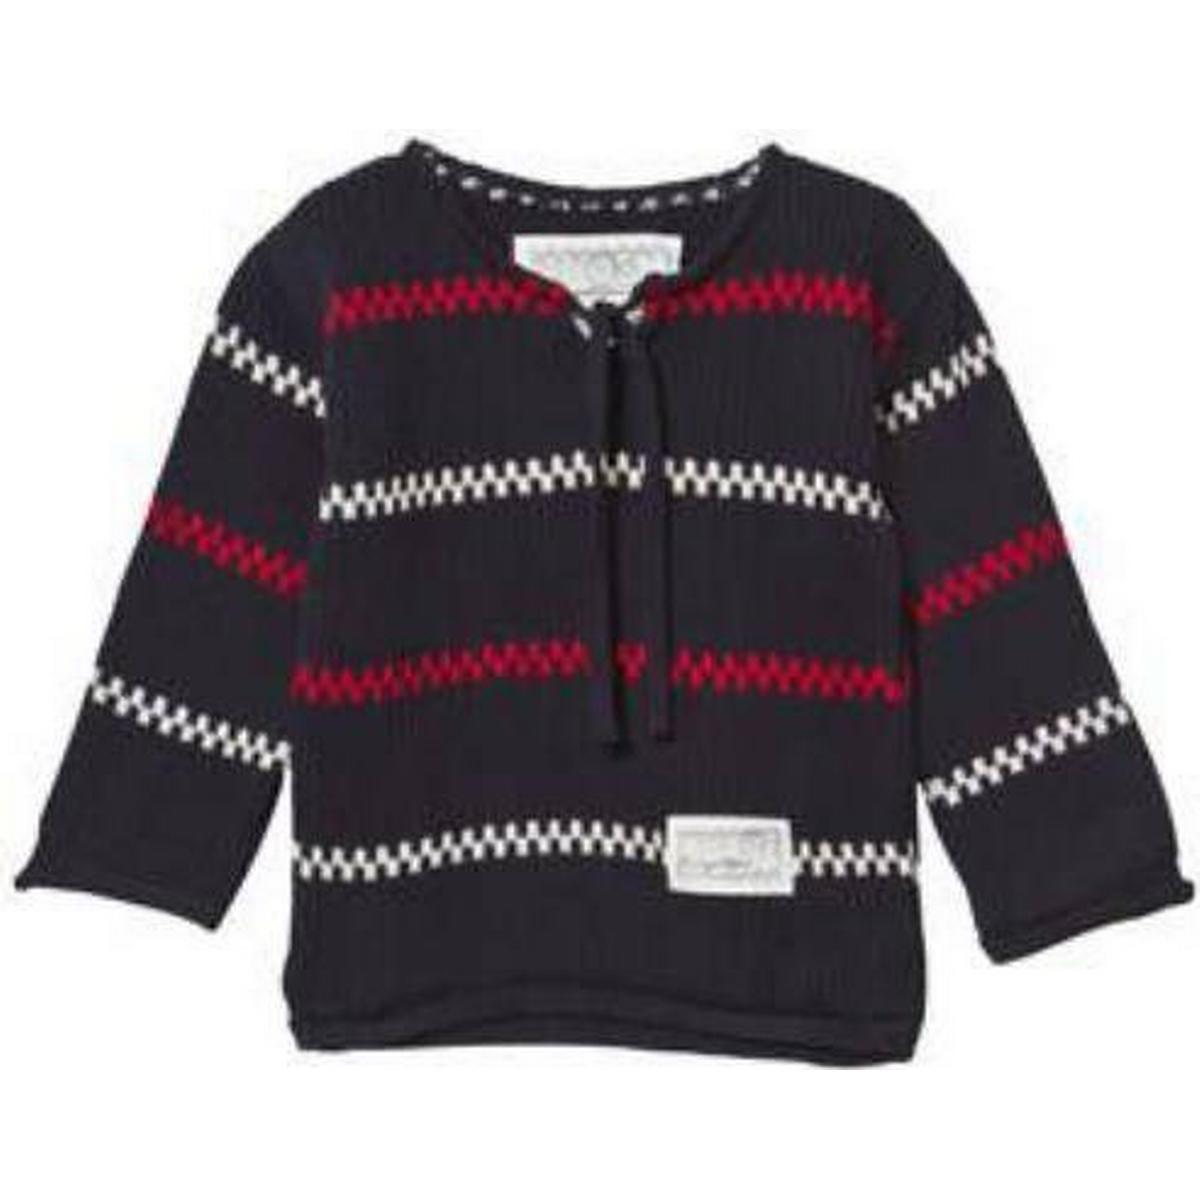 f7a3f093 Baby - Striktrøje Børnetøj - Sammenlign priser hos PriceRunner